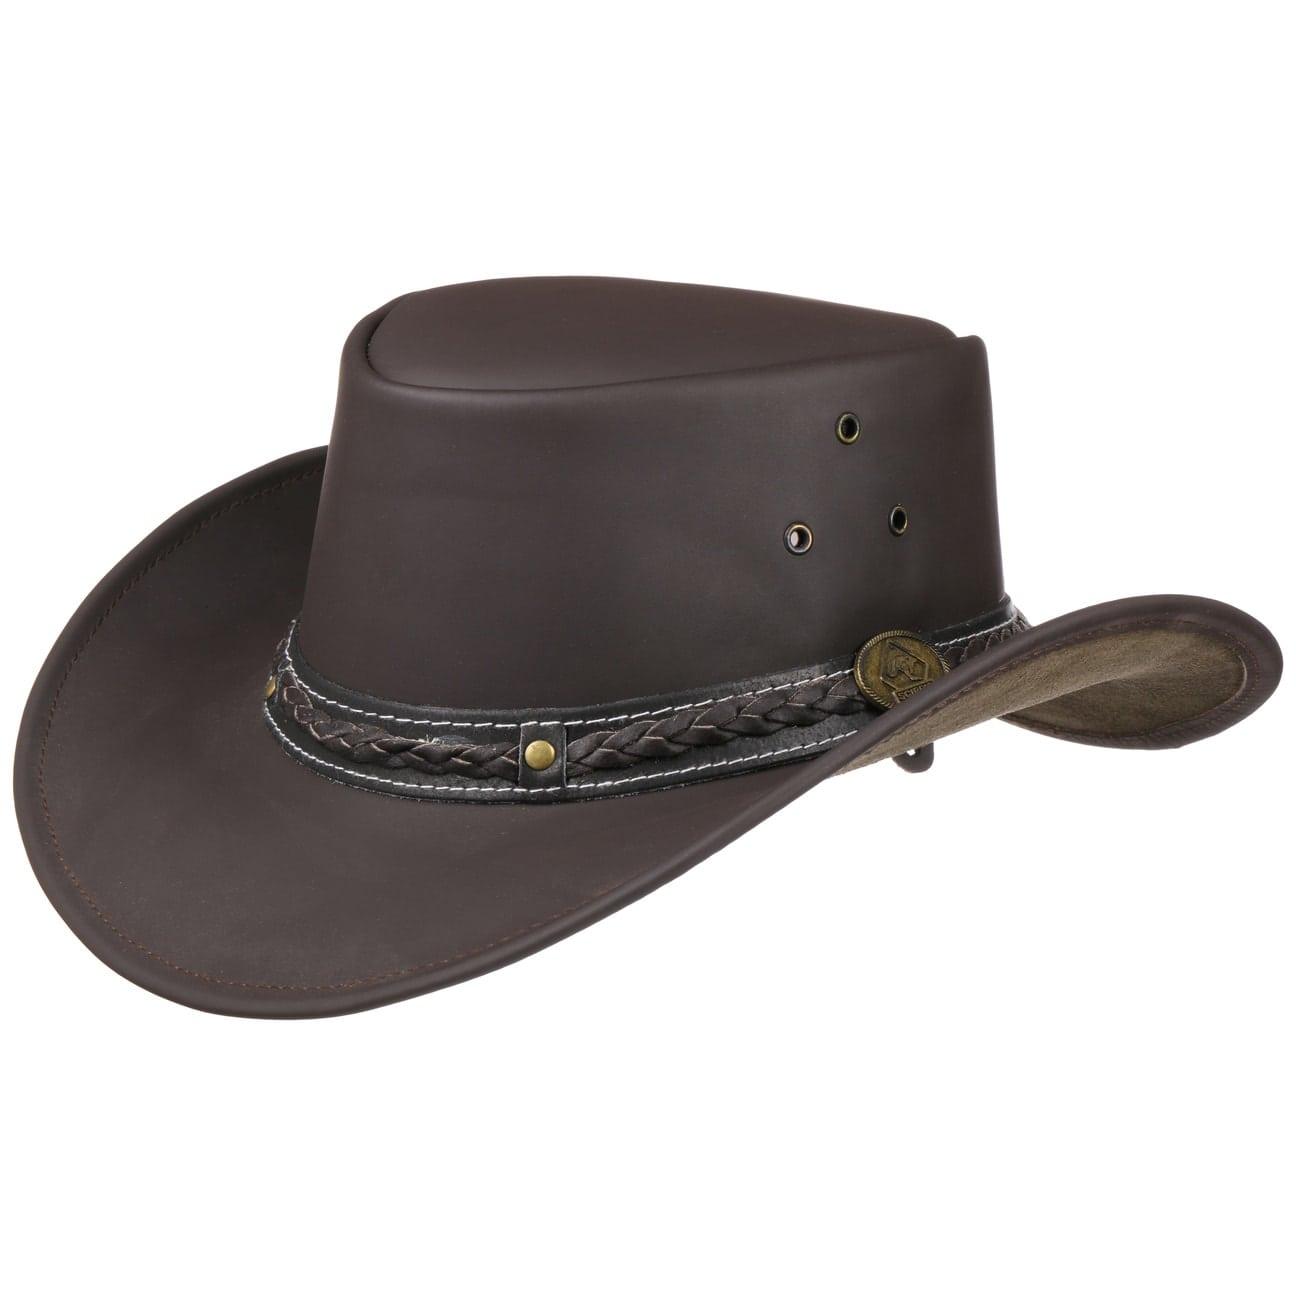 chapeau borderland en cuir eur 39 95 chapeaux